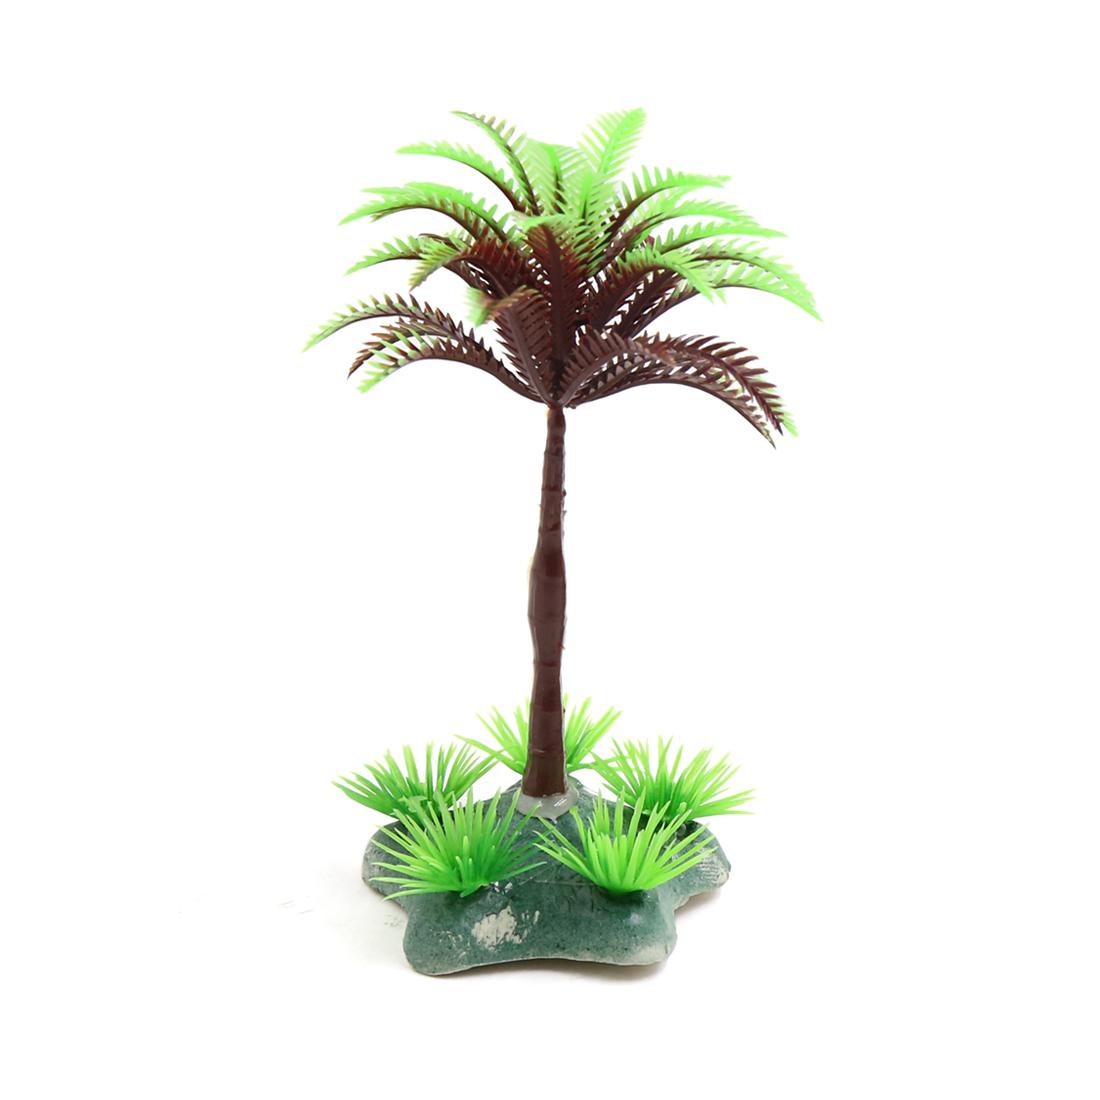 Green Plastic Coconut Tree Aquarium Terrarium Aquascape Decoration for Reptiles